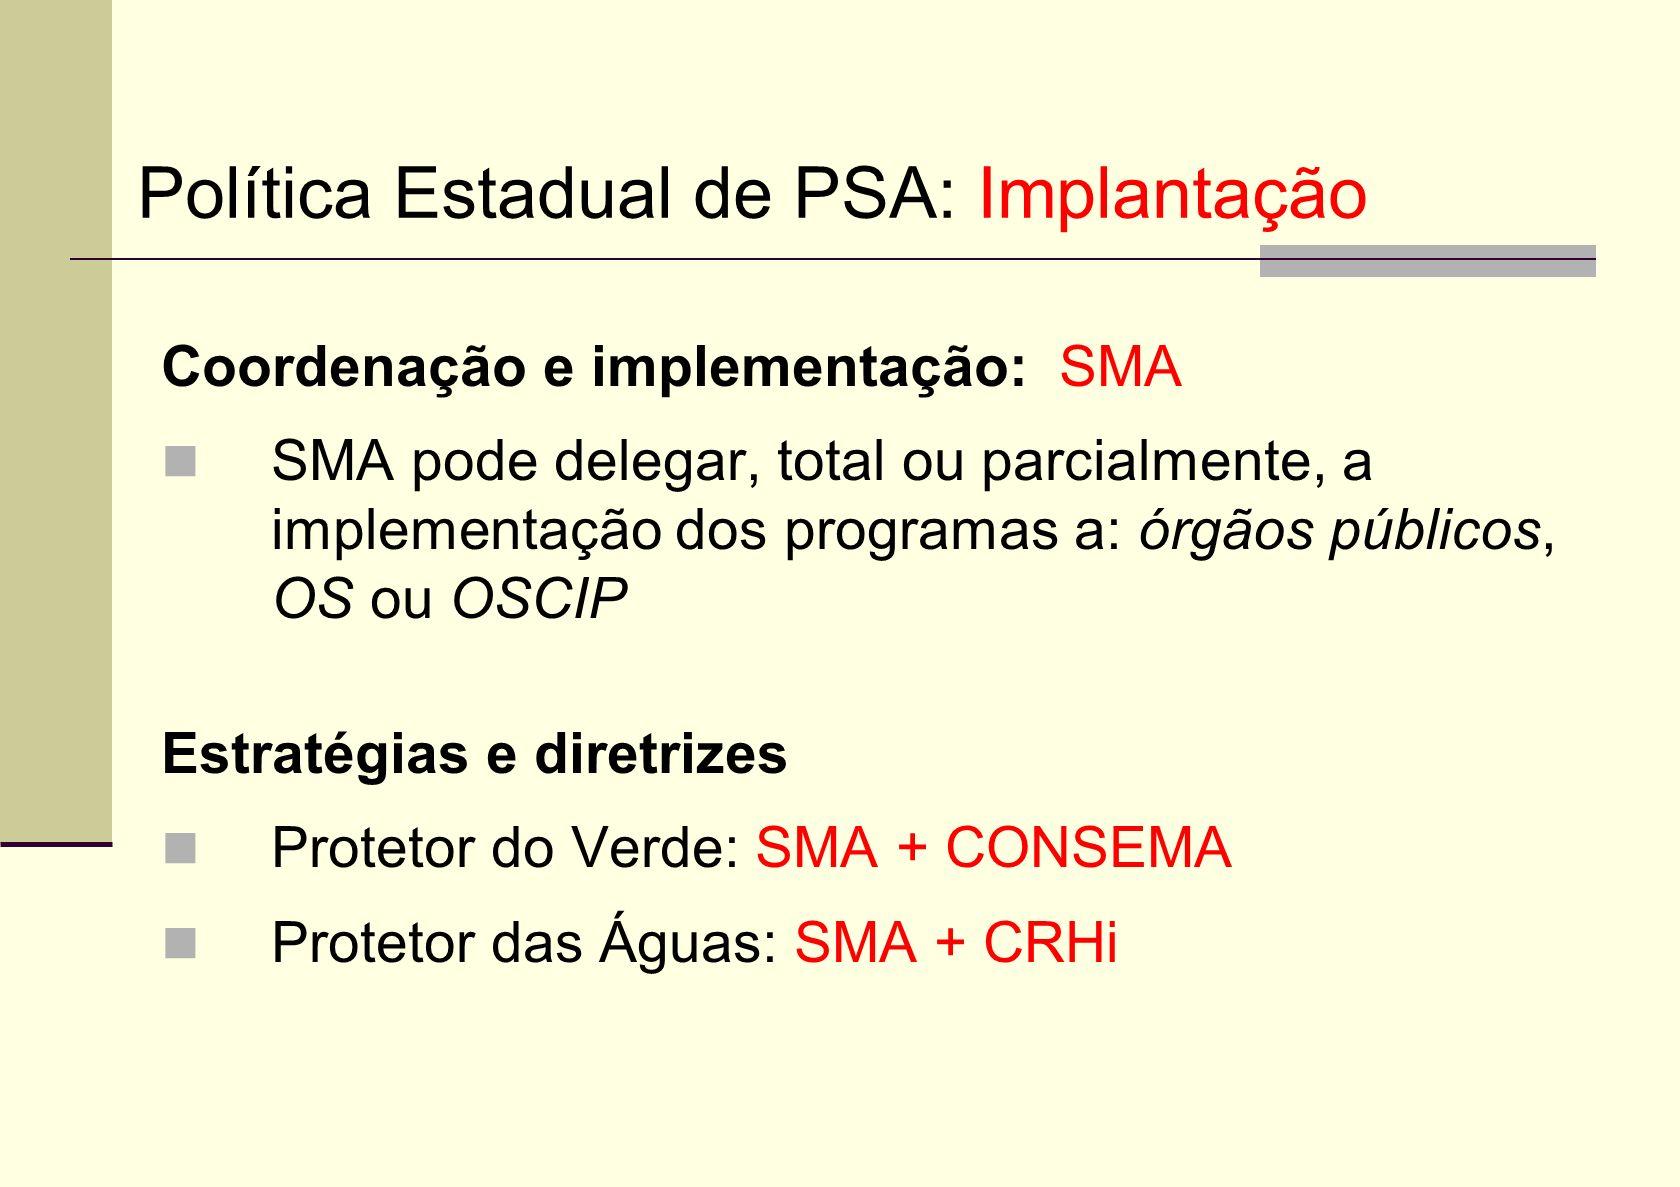 Coordenação e implementação: SMA SMA pode delegar, total ou parcialmente, a implementação dos programas a: órgãos públicos, OS ou OSCIP Estratégias e